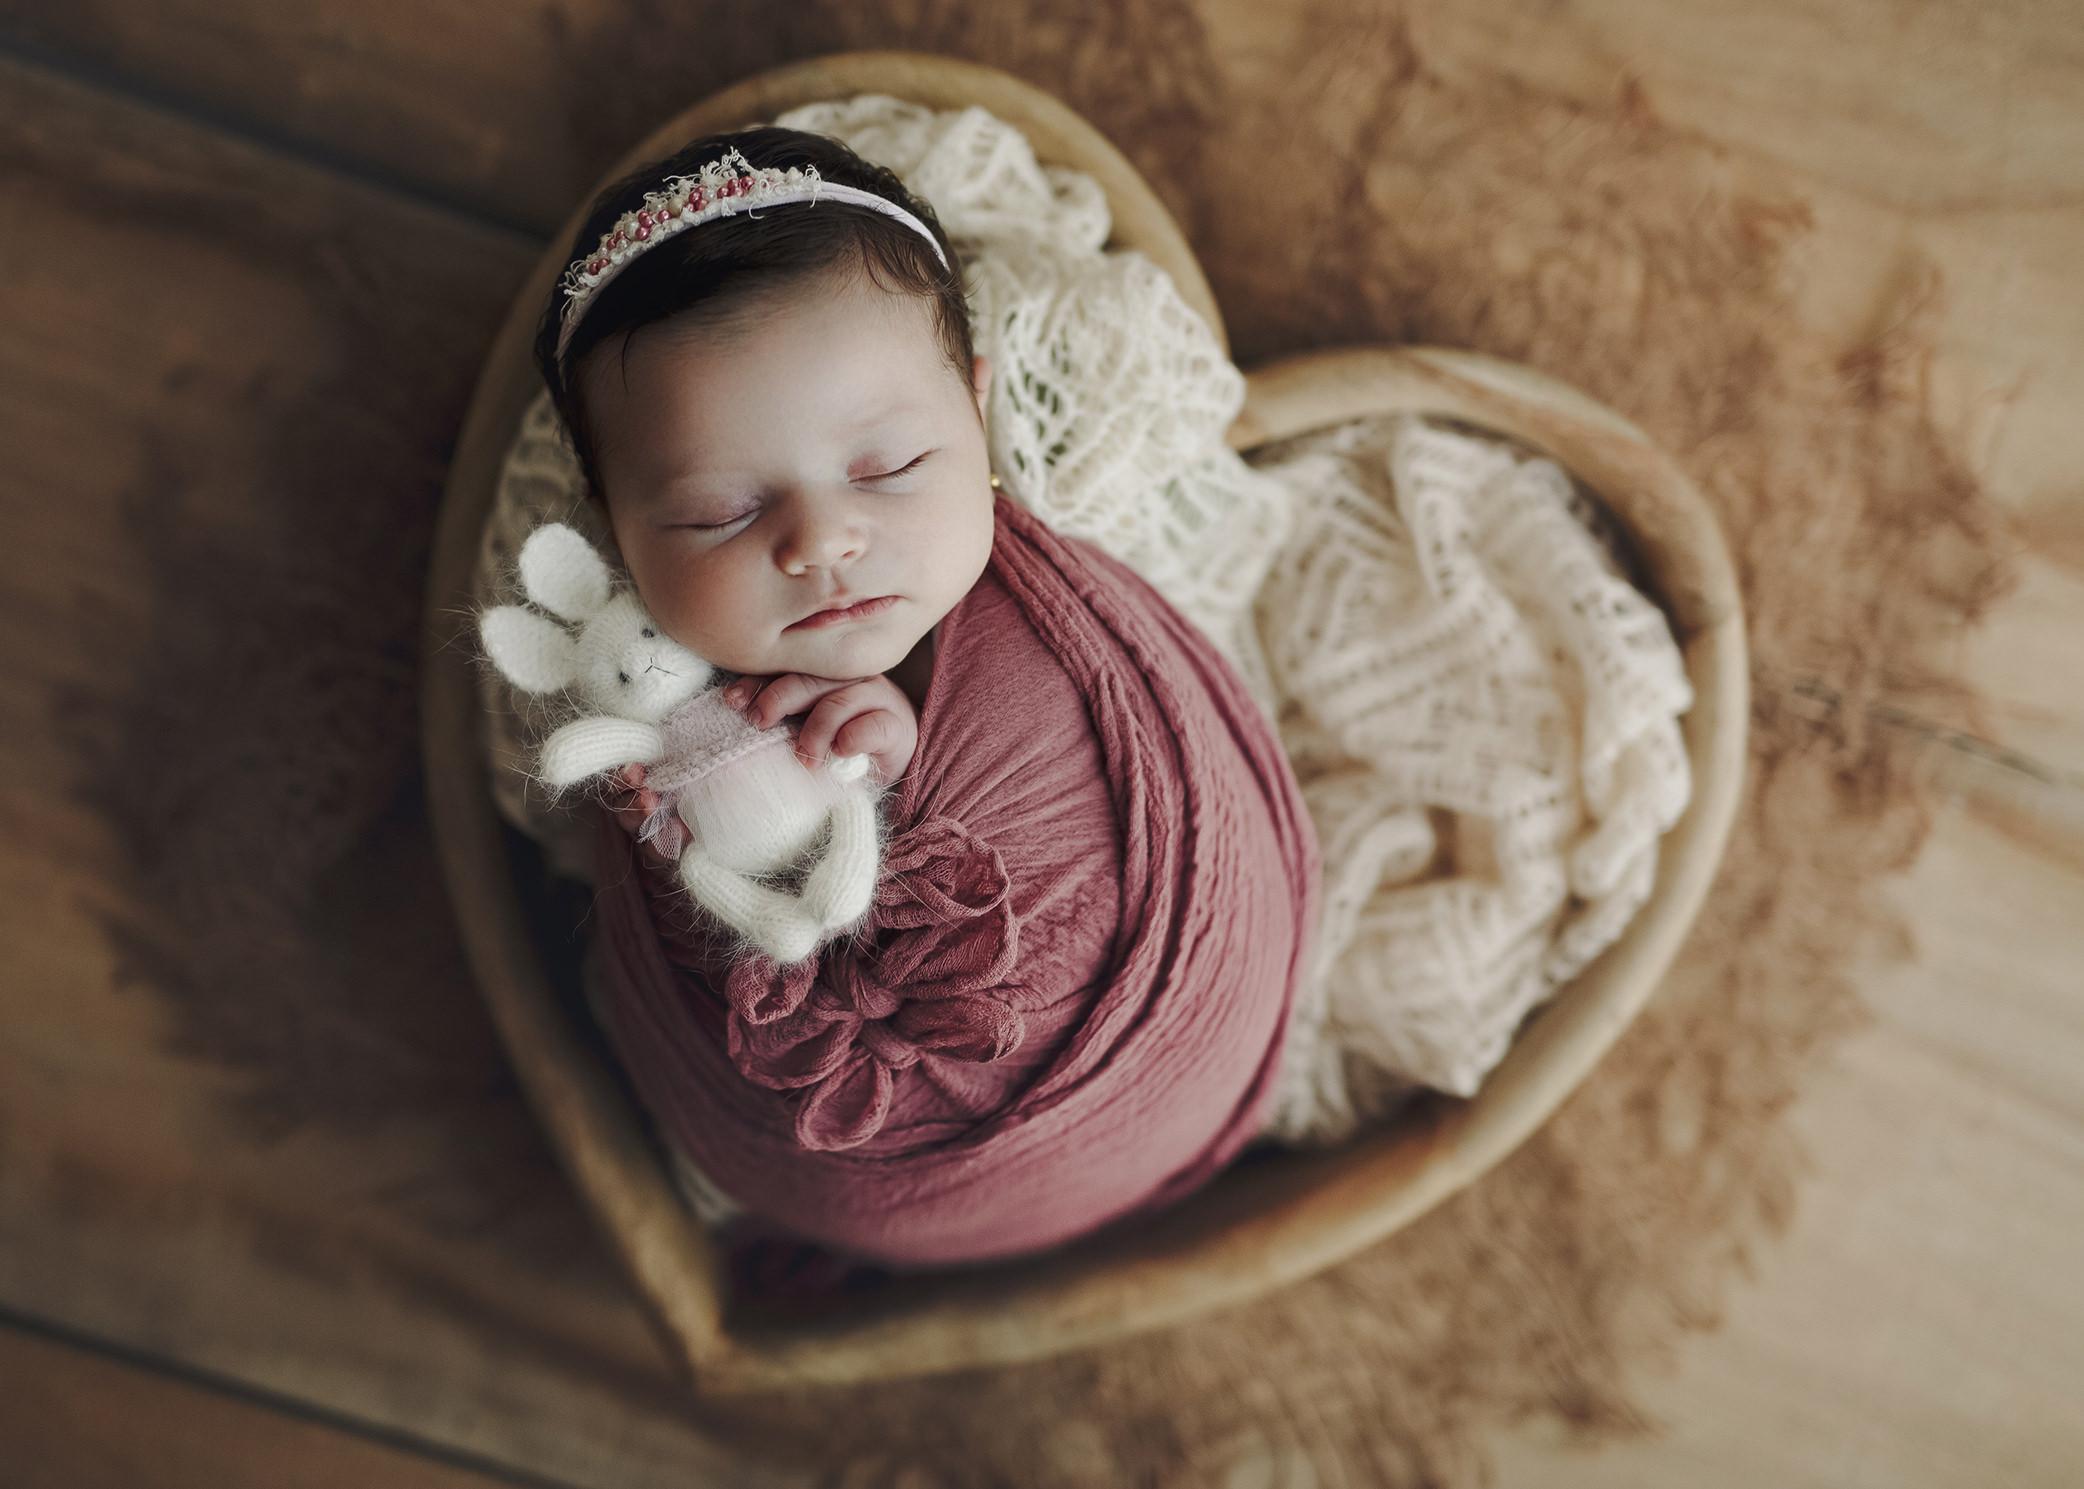 Madalina Vasile @ Family Portrait Academy